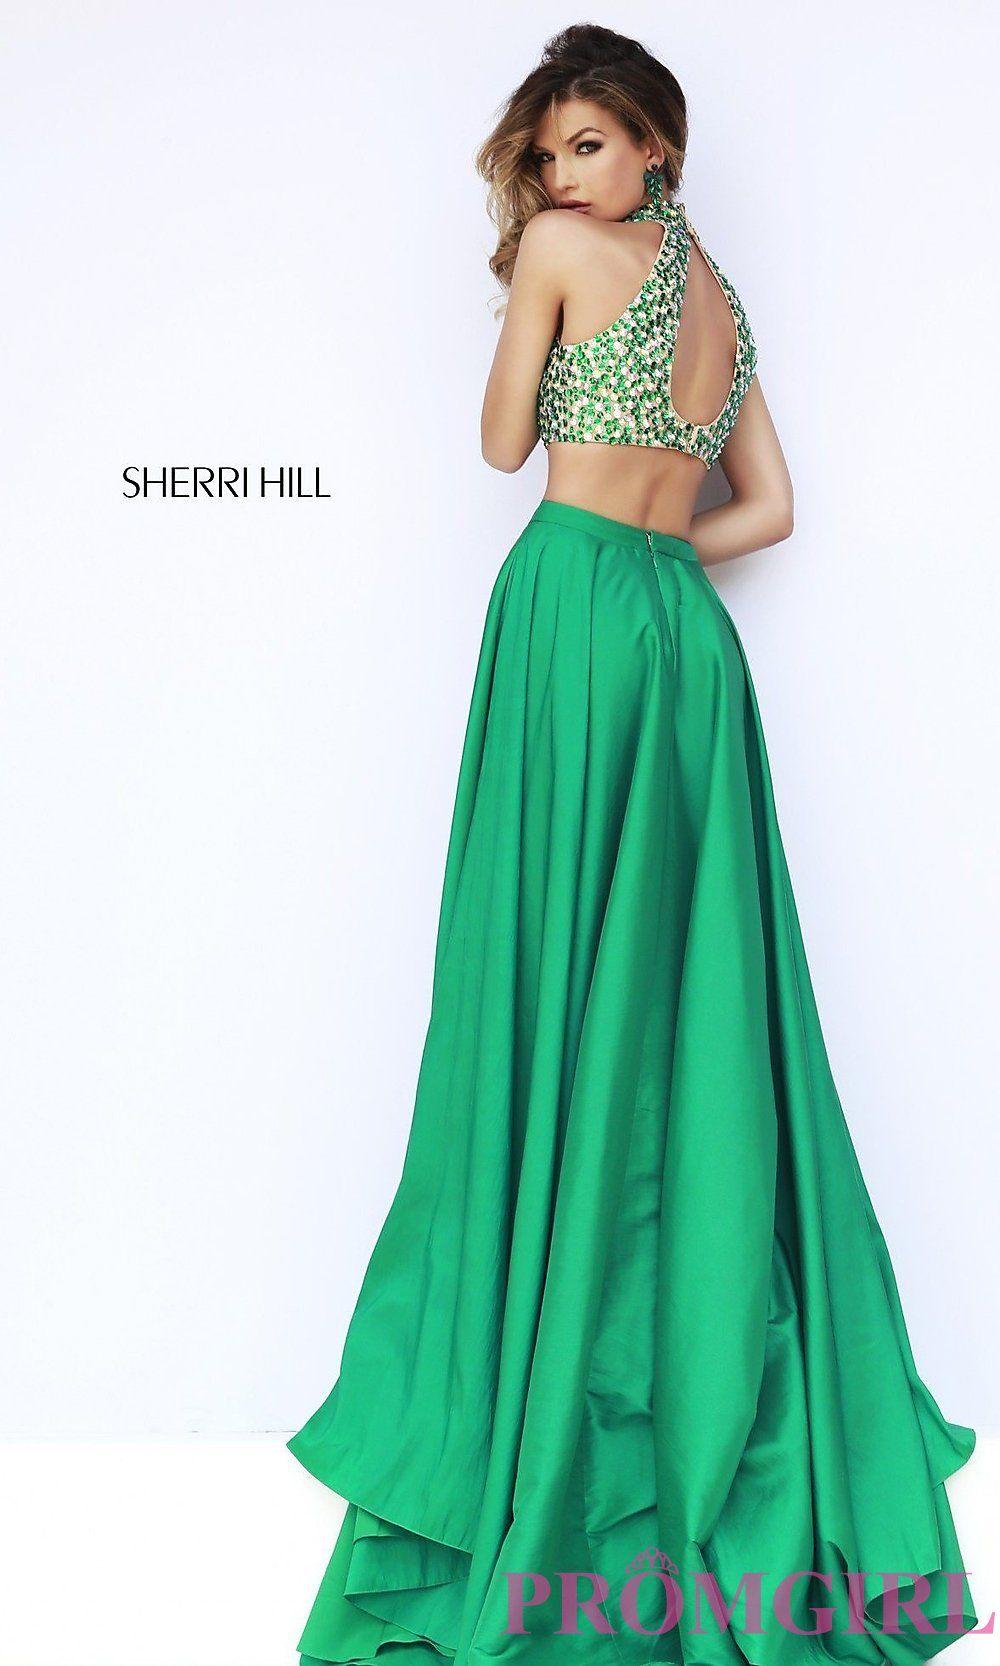 Sherri Hill 2 Piece Prom Dress USED* Emerald green Sherri hill ...